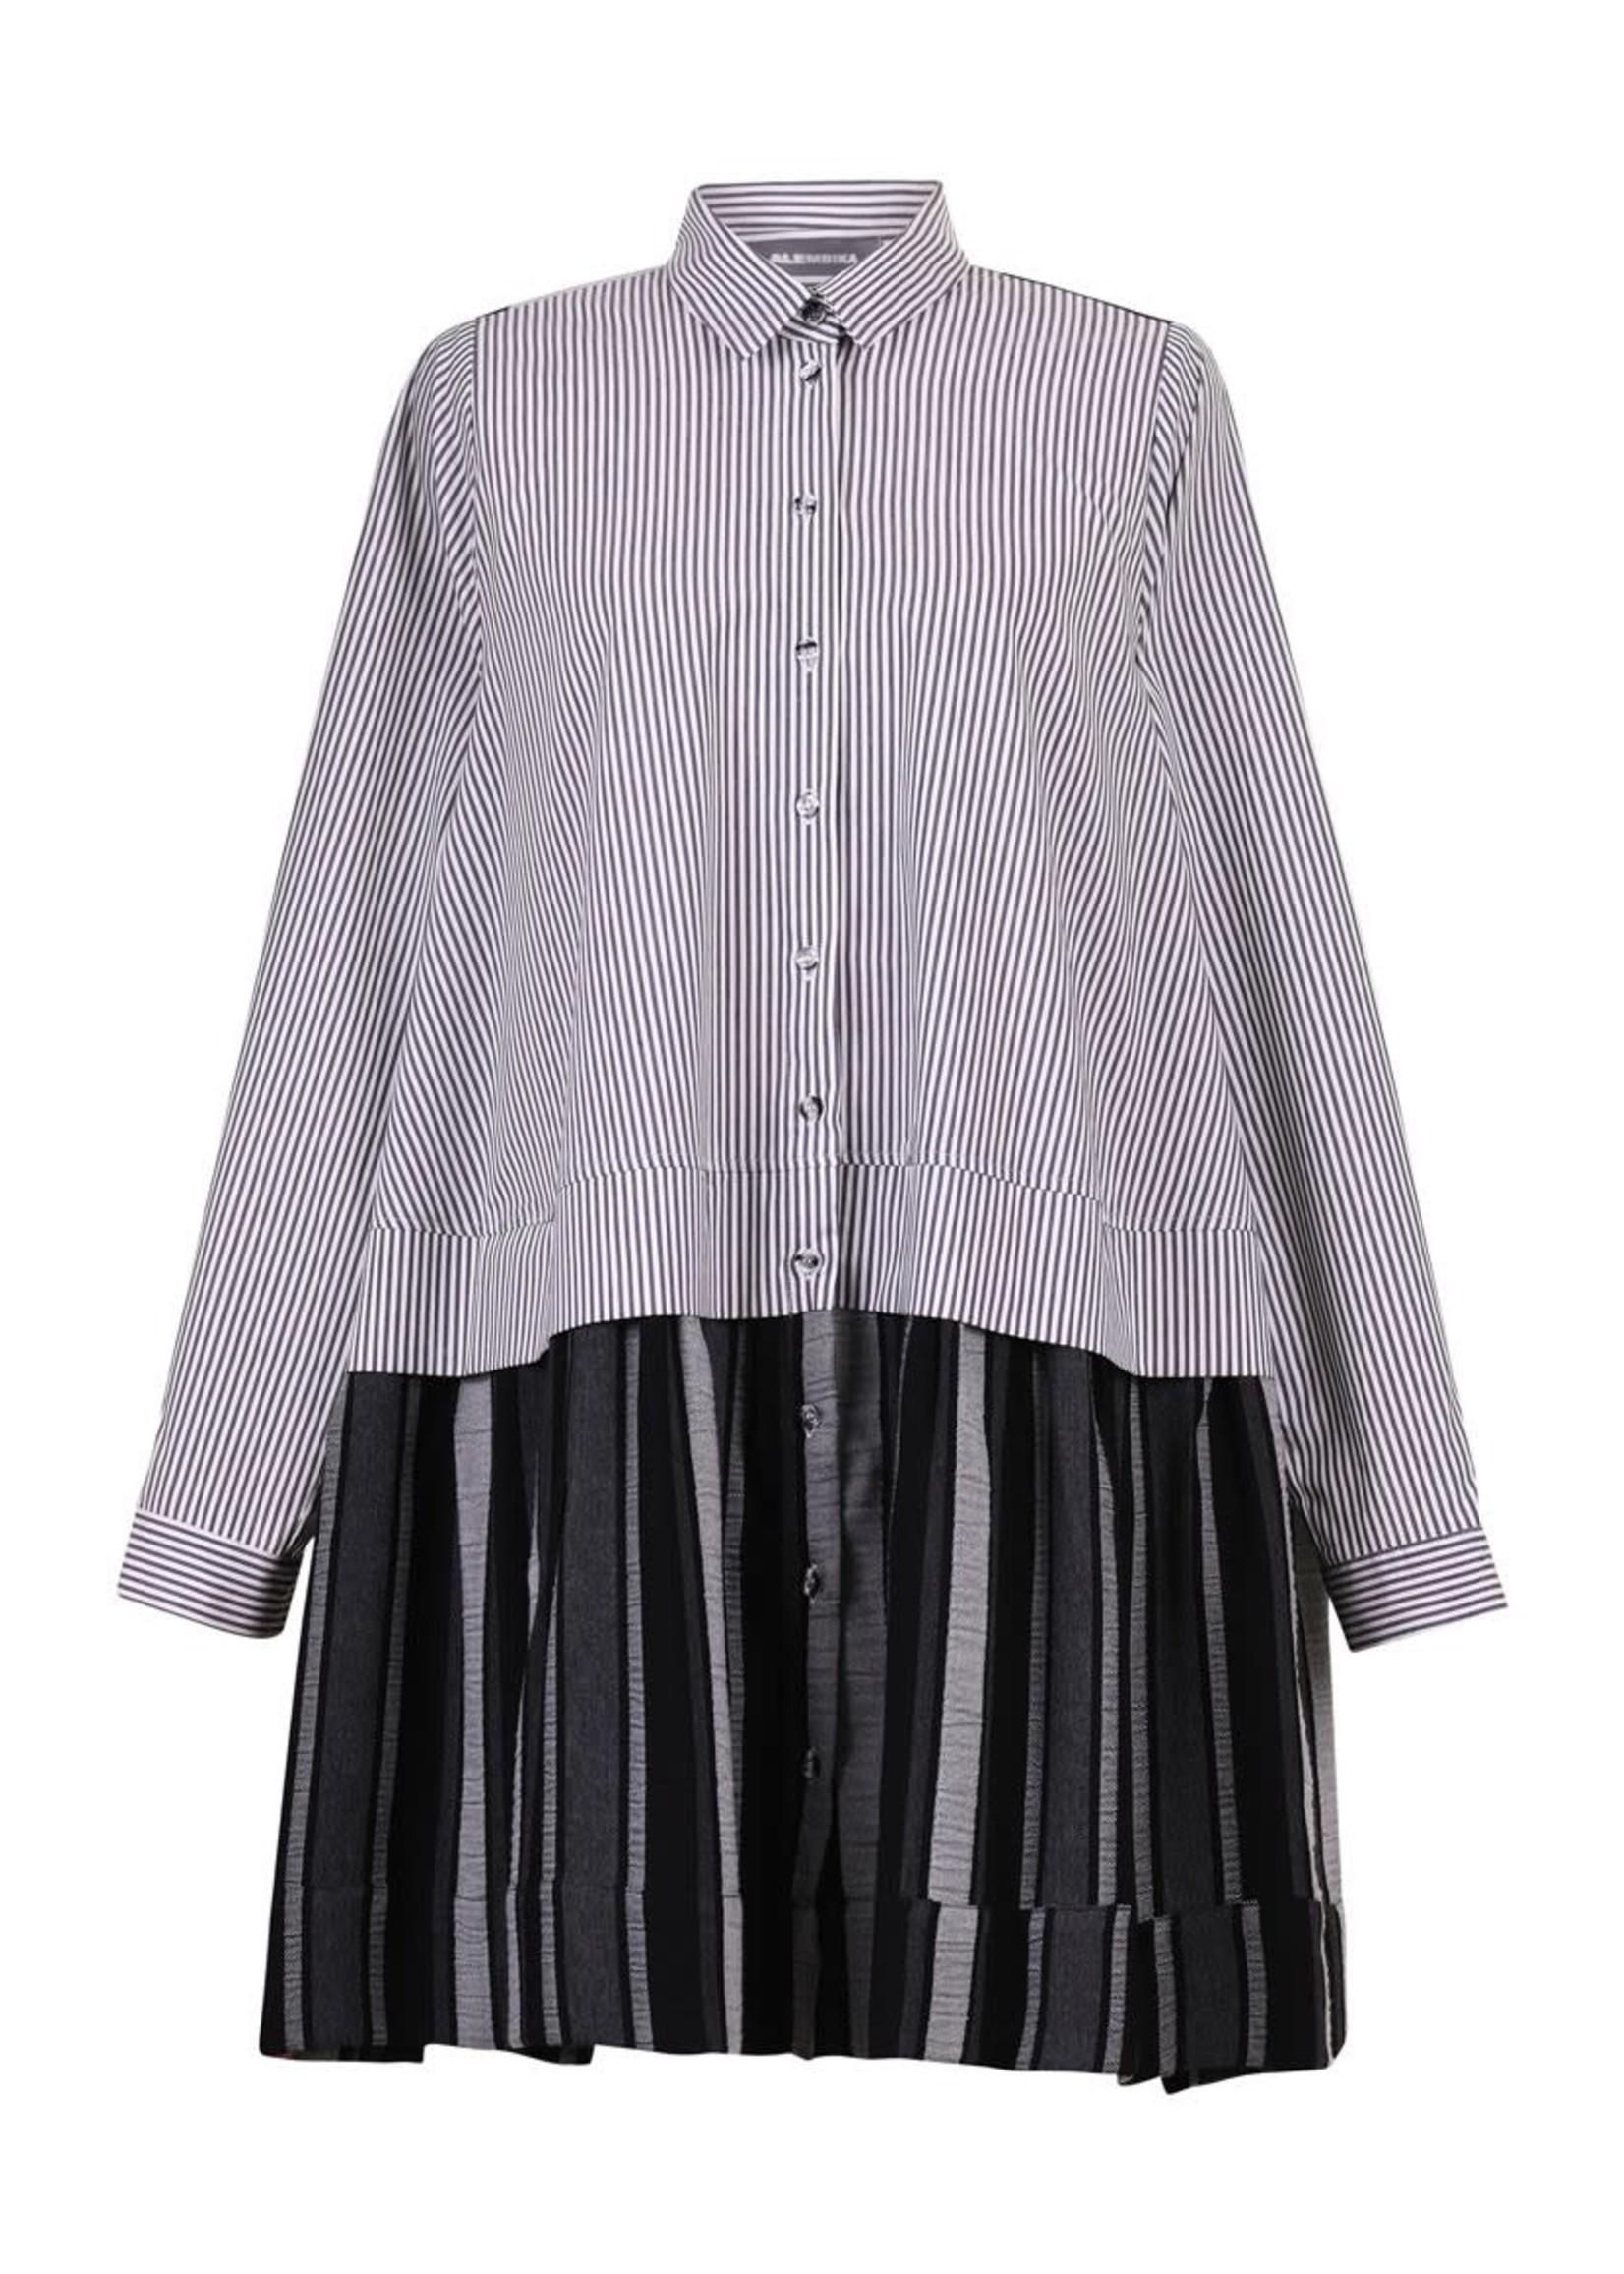 ALEMBIKA at201s blouse